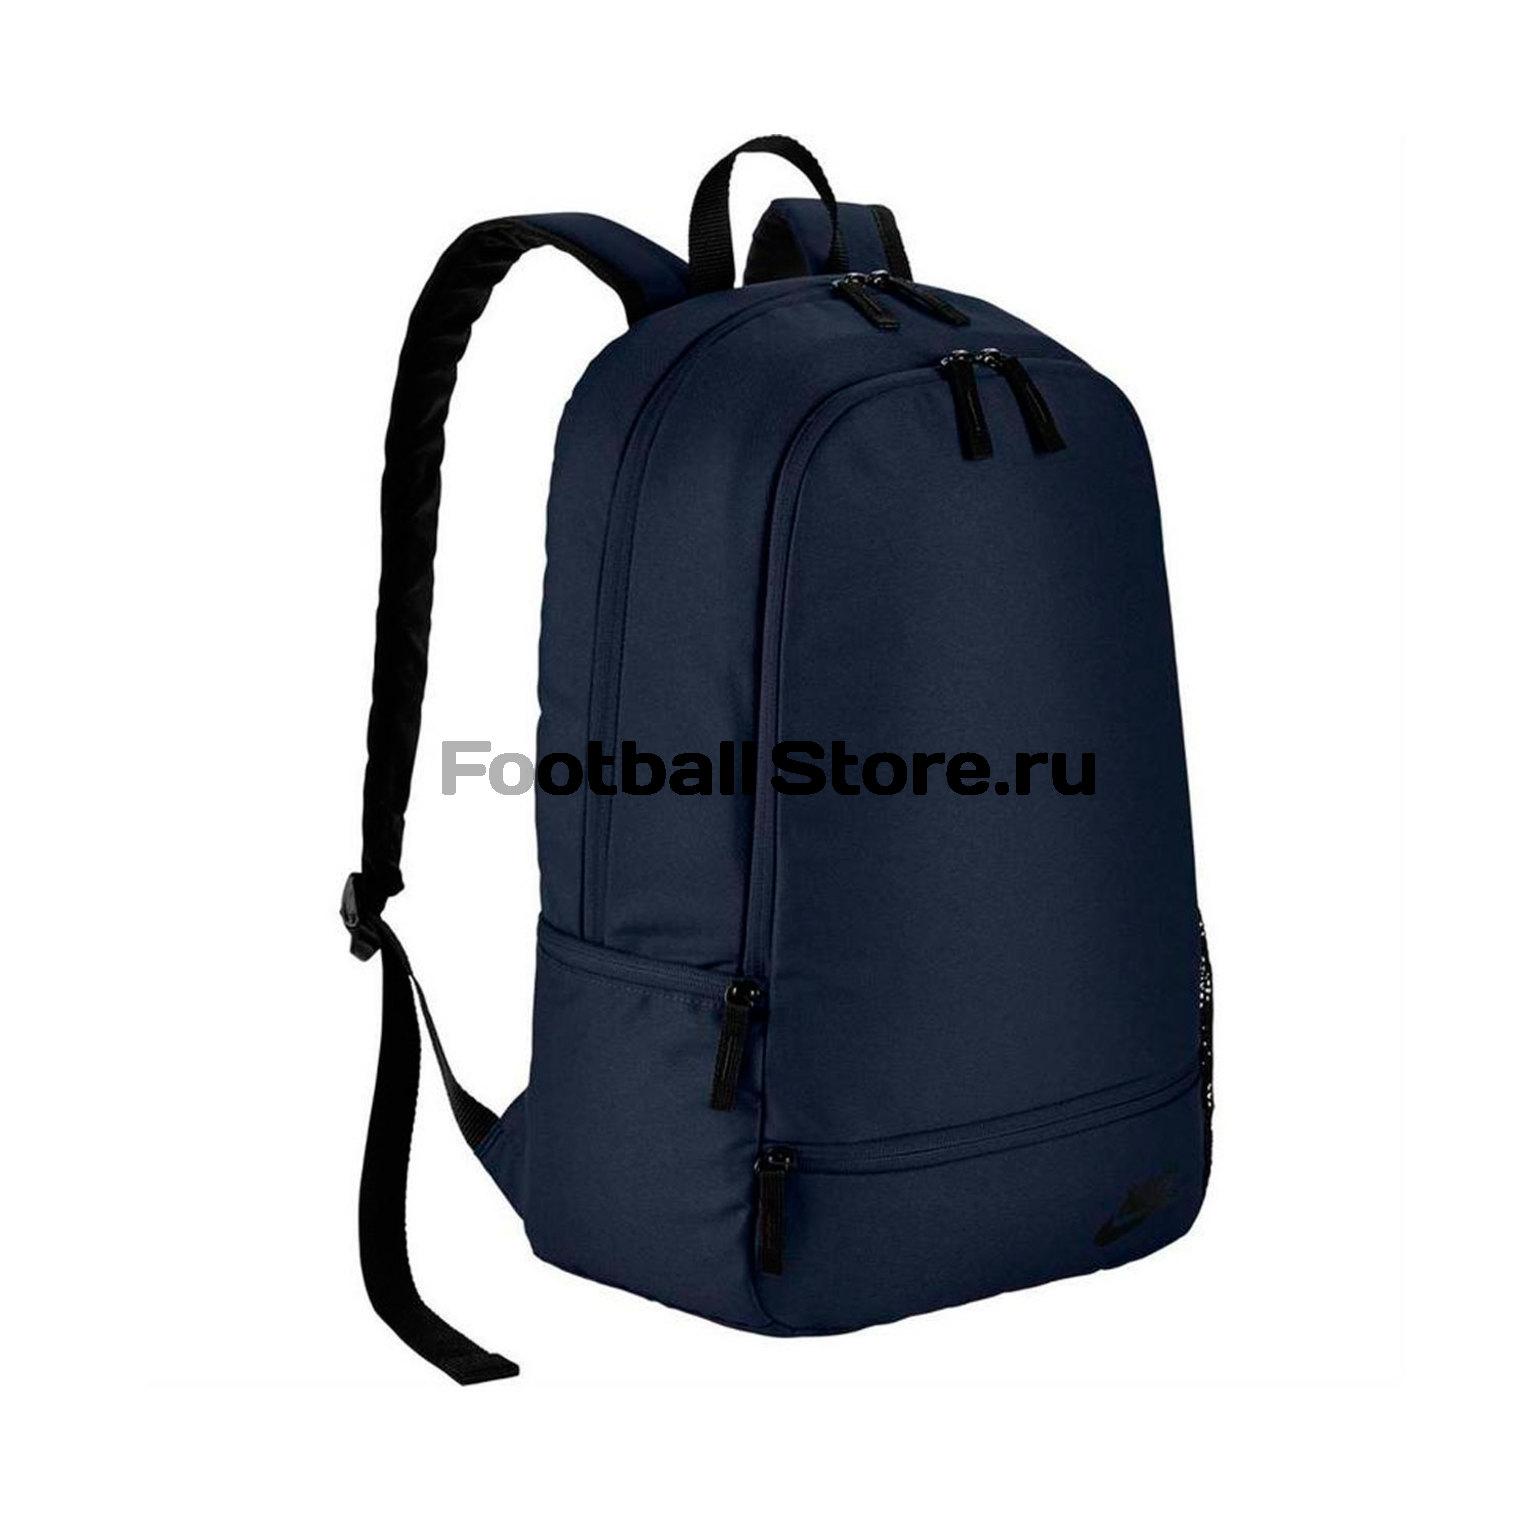 Сумки/Рюкзаки Nike Рюкзак Nike Classic North Solid BA5274-451 рюкзак north bag 9459 2015